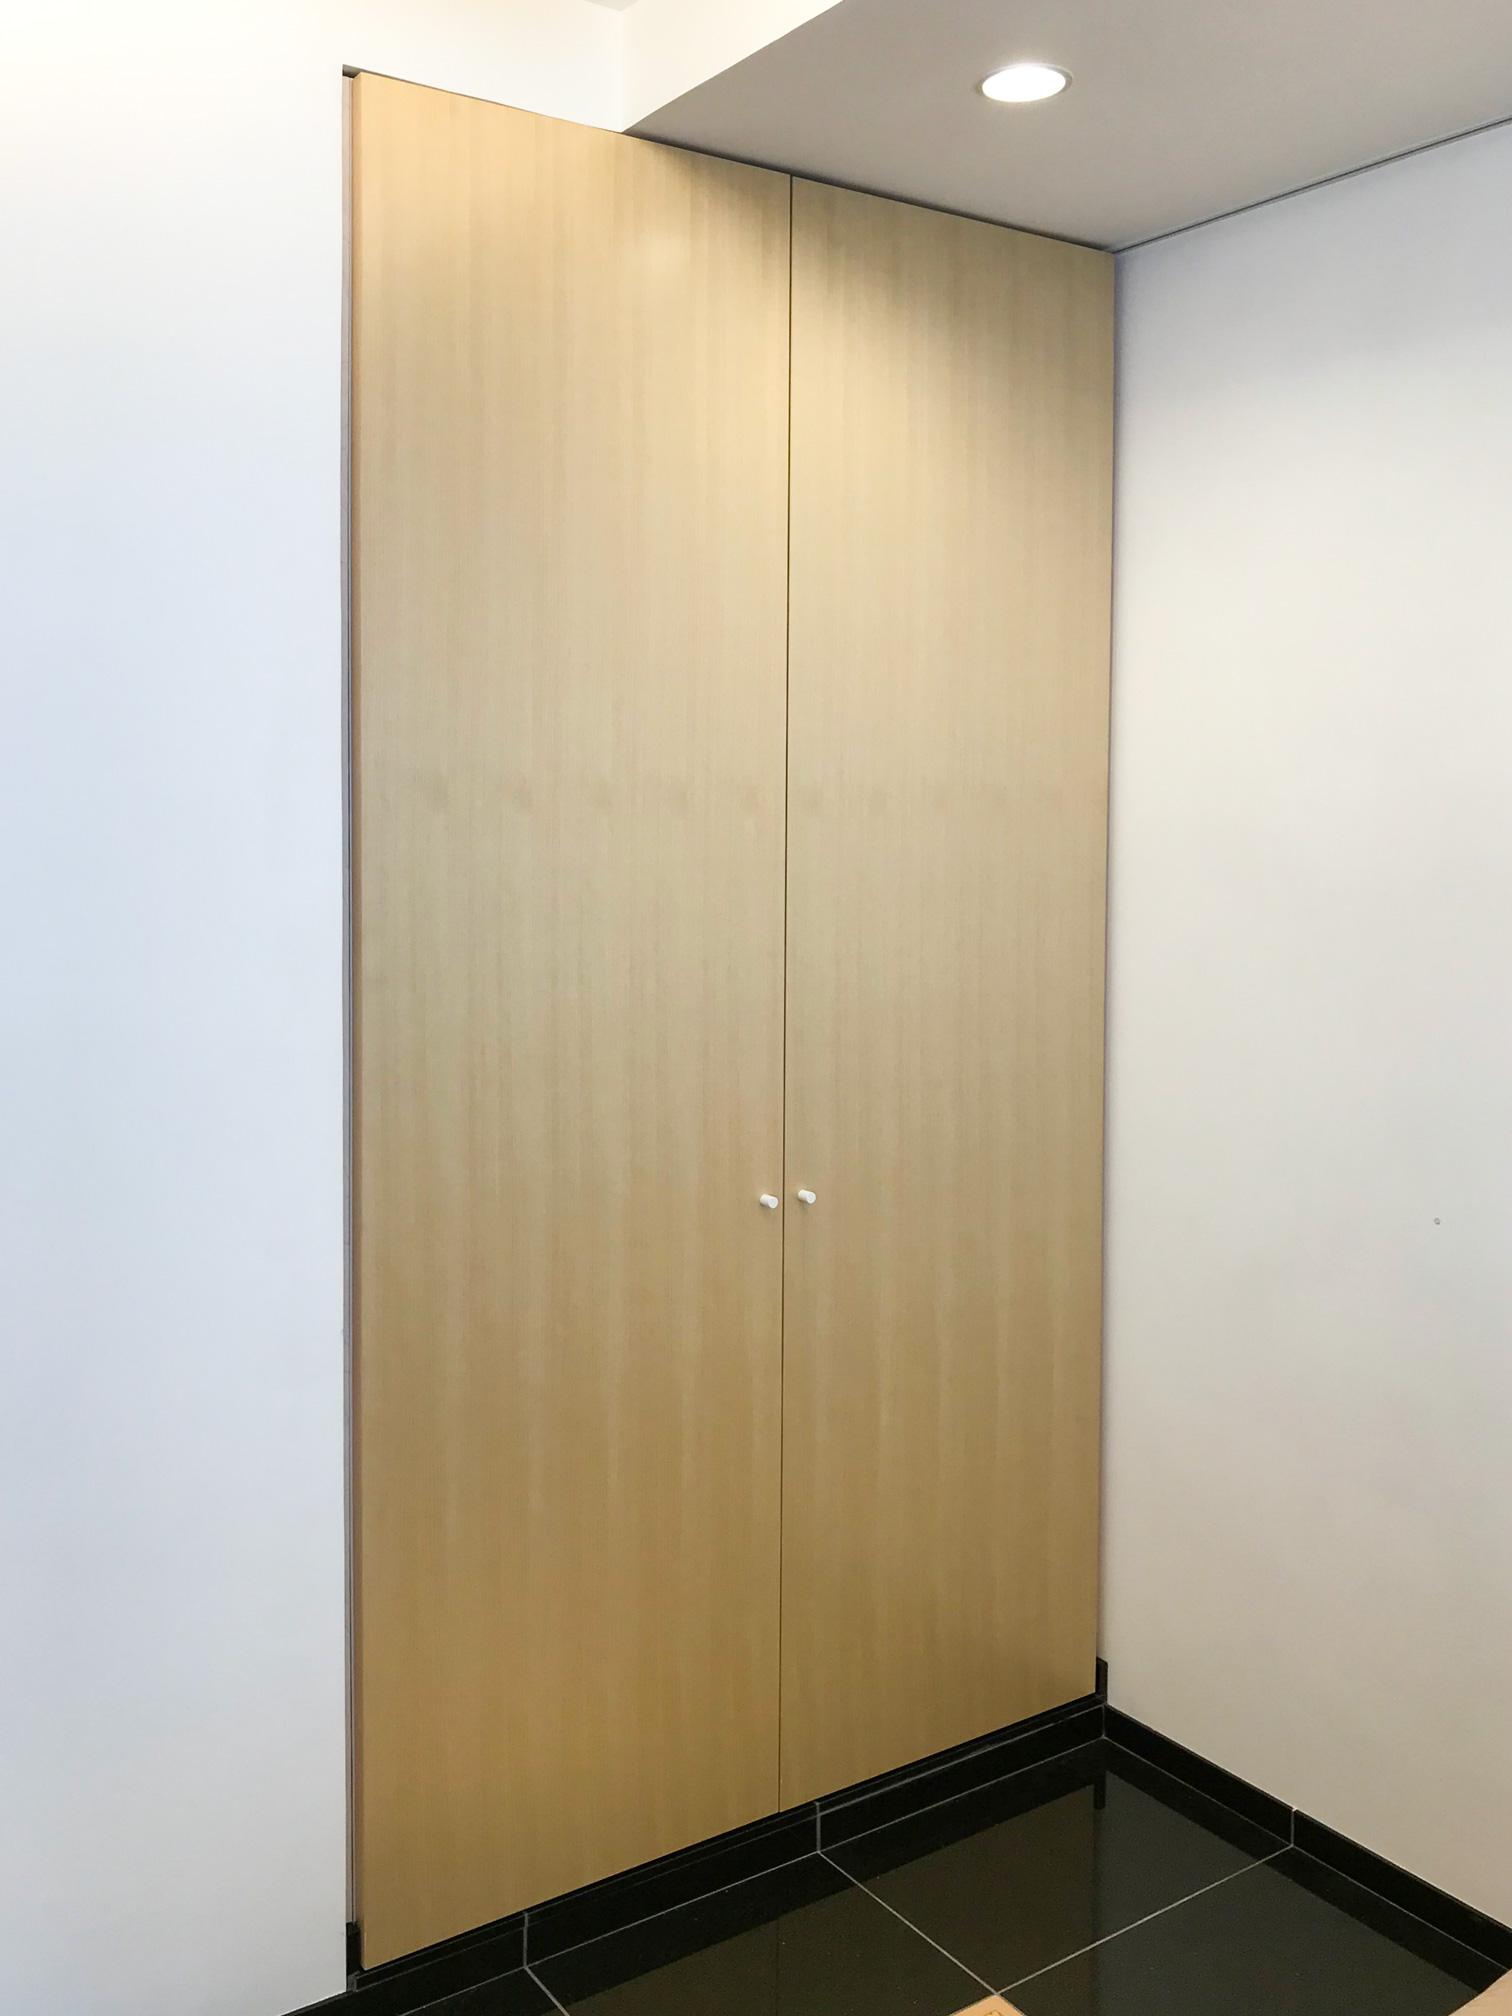 桧 突板扉の和風クローゼット イメージ